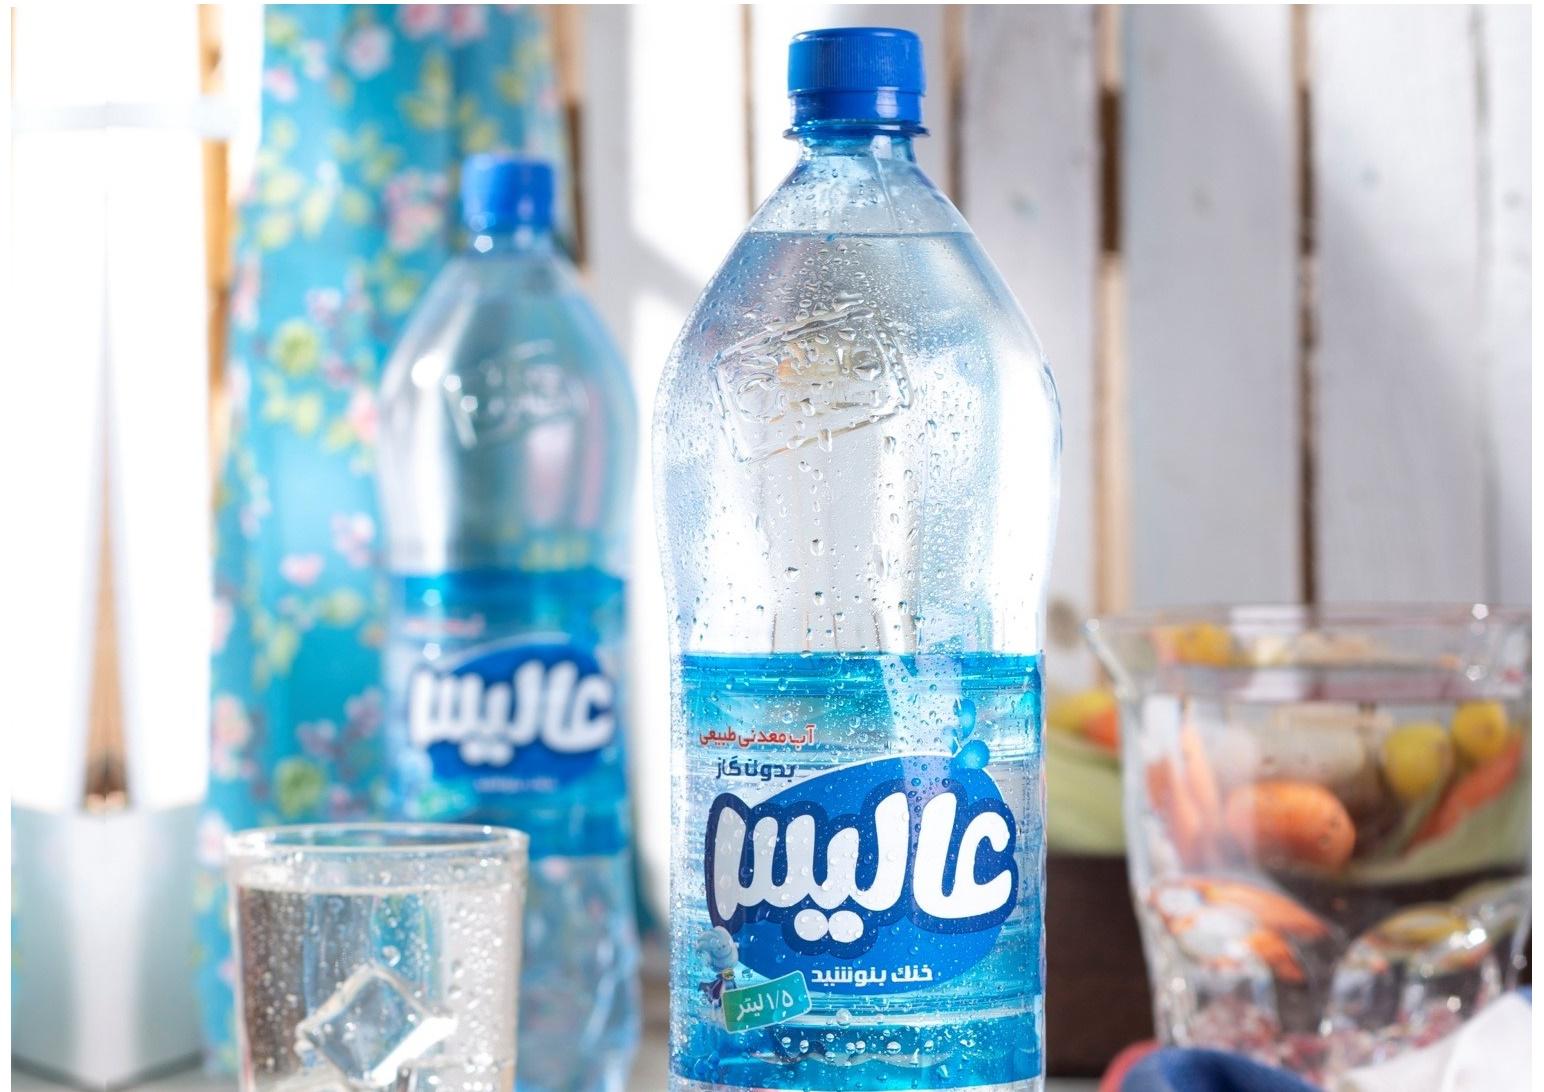 آب معدنی عالیس؛ نوشیدنی گوارا از چشمههای خراسان